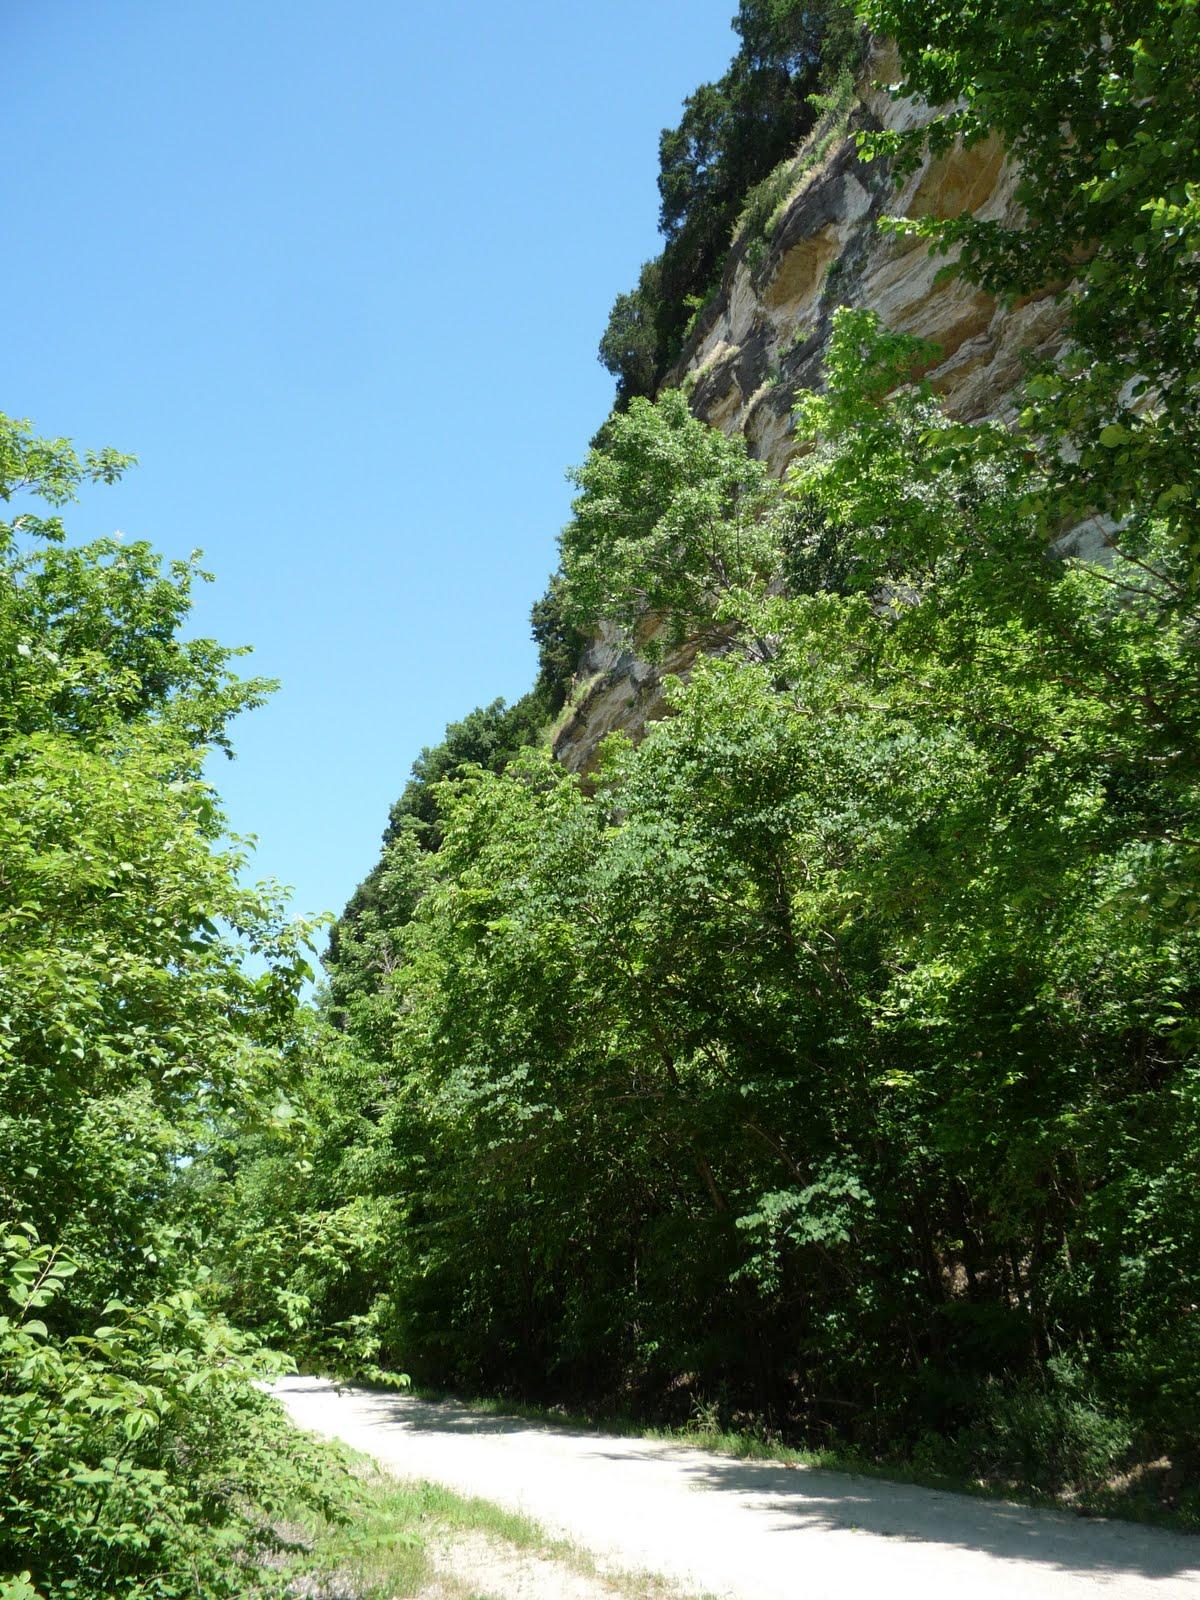 My Story: Katy Trail Katy Trail